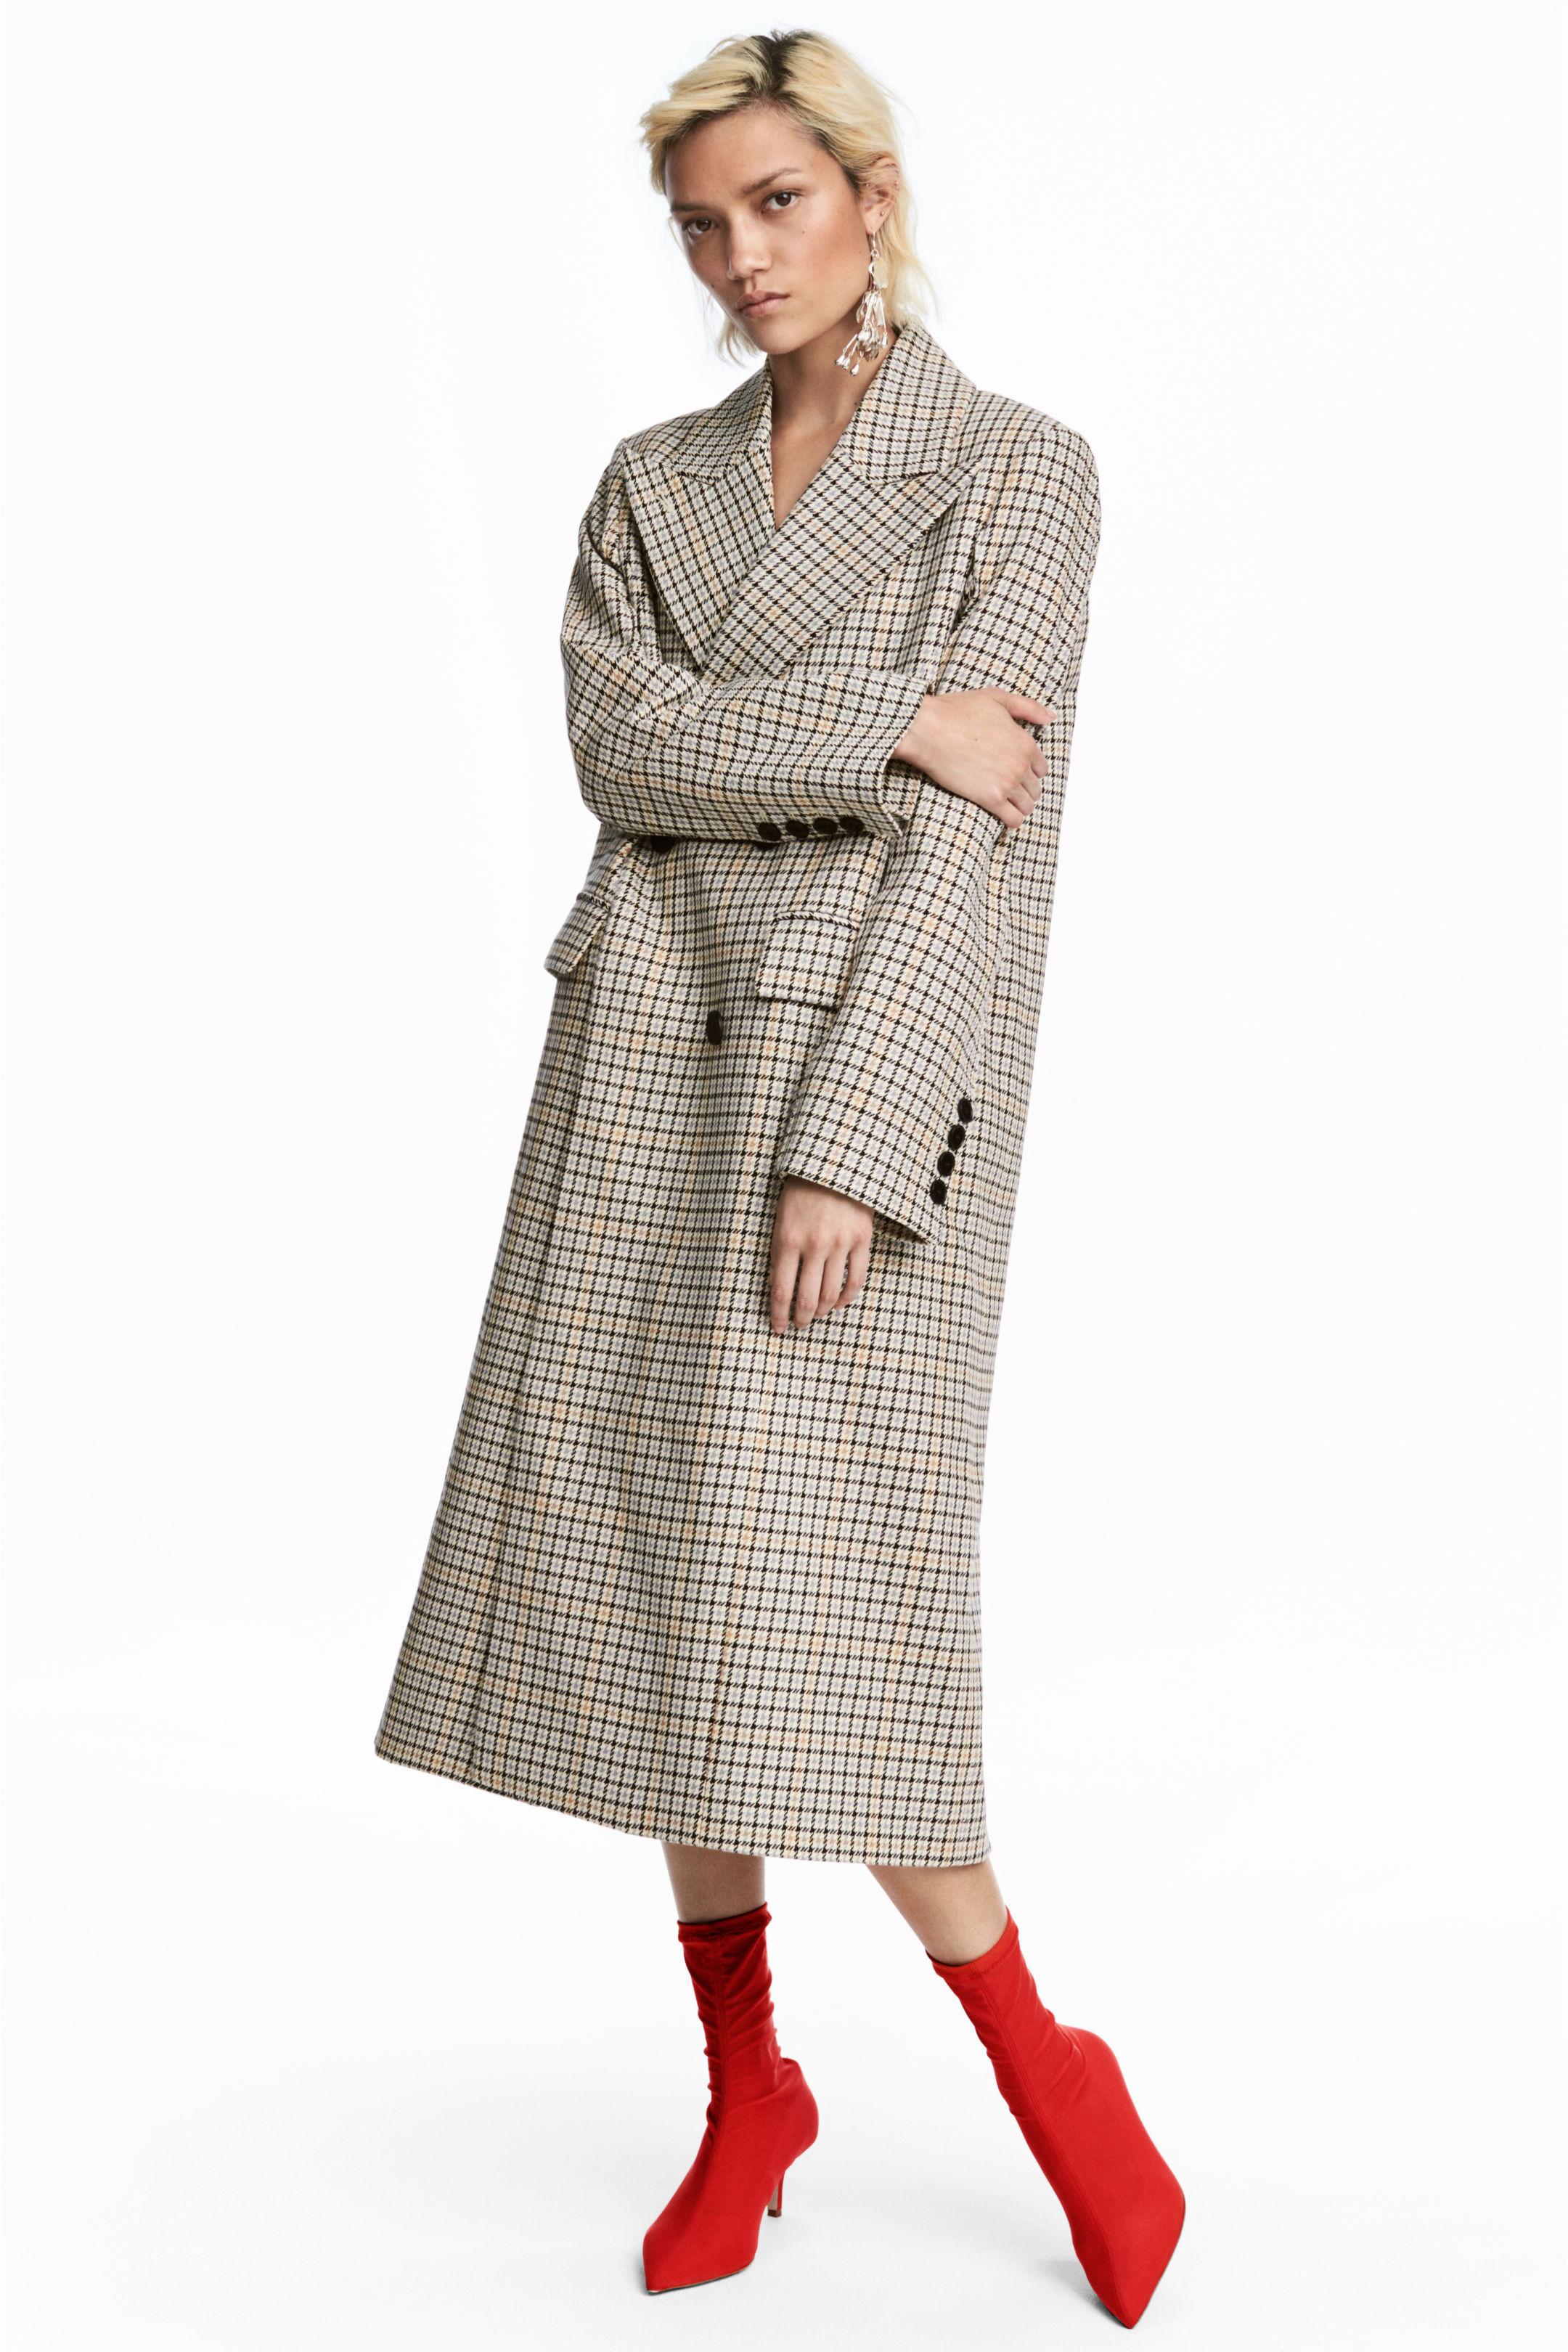 Cappotto doppiopetto a quadri H&M a 99 euro